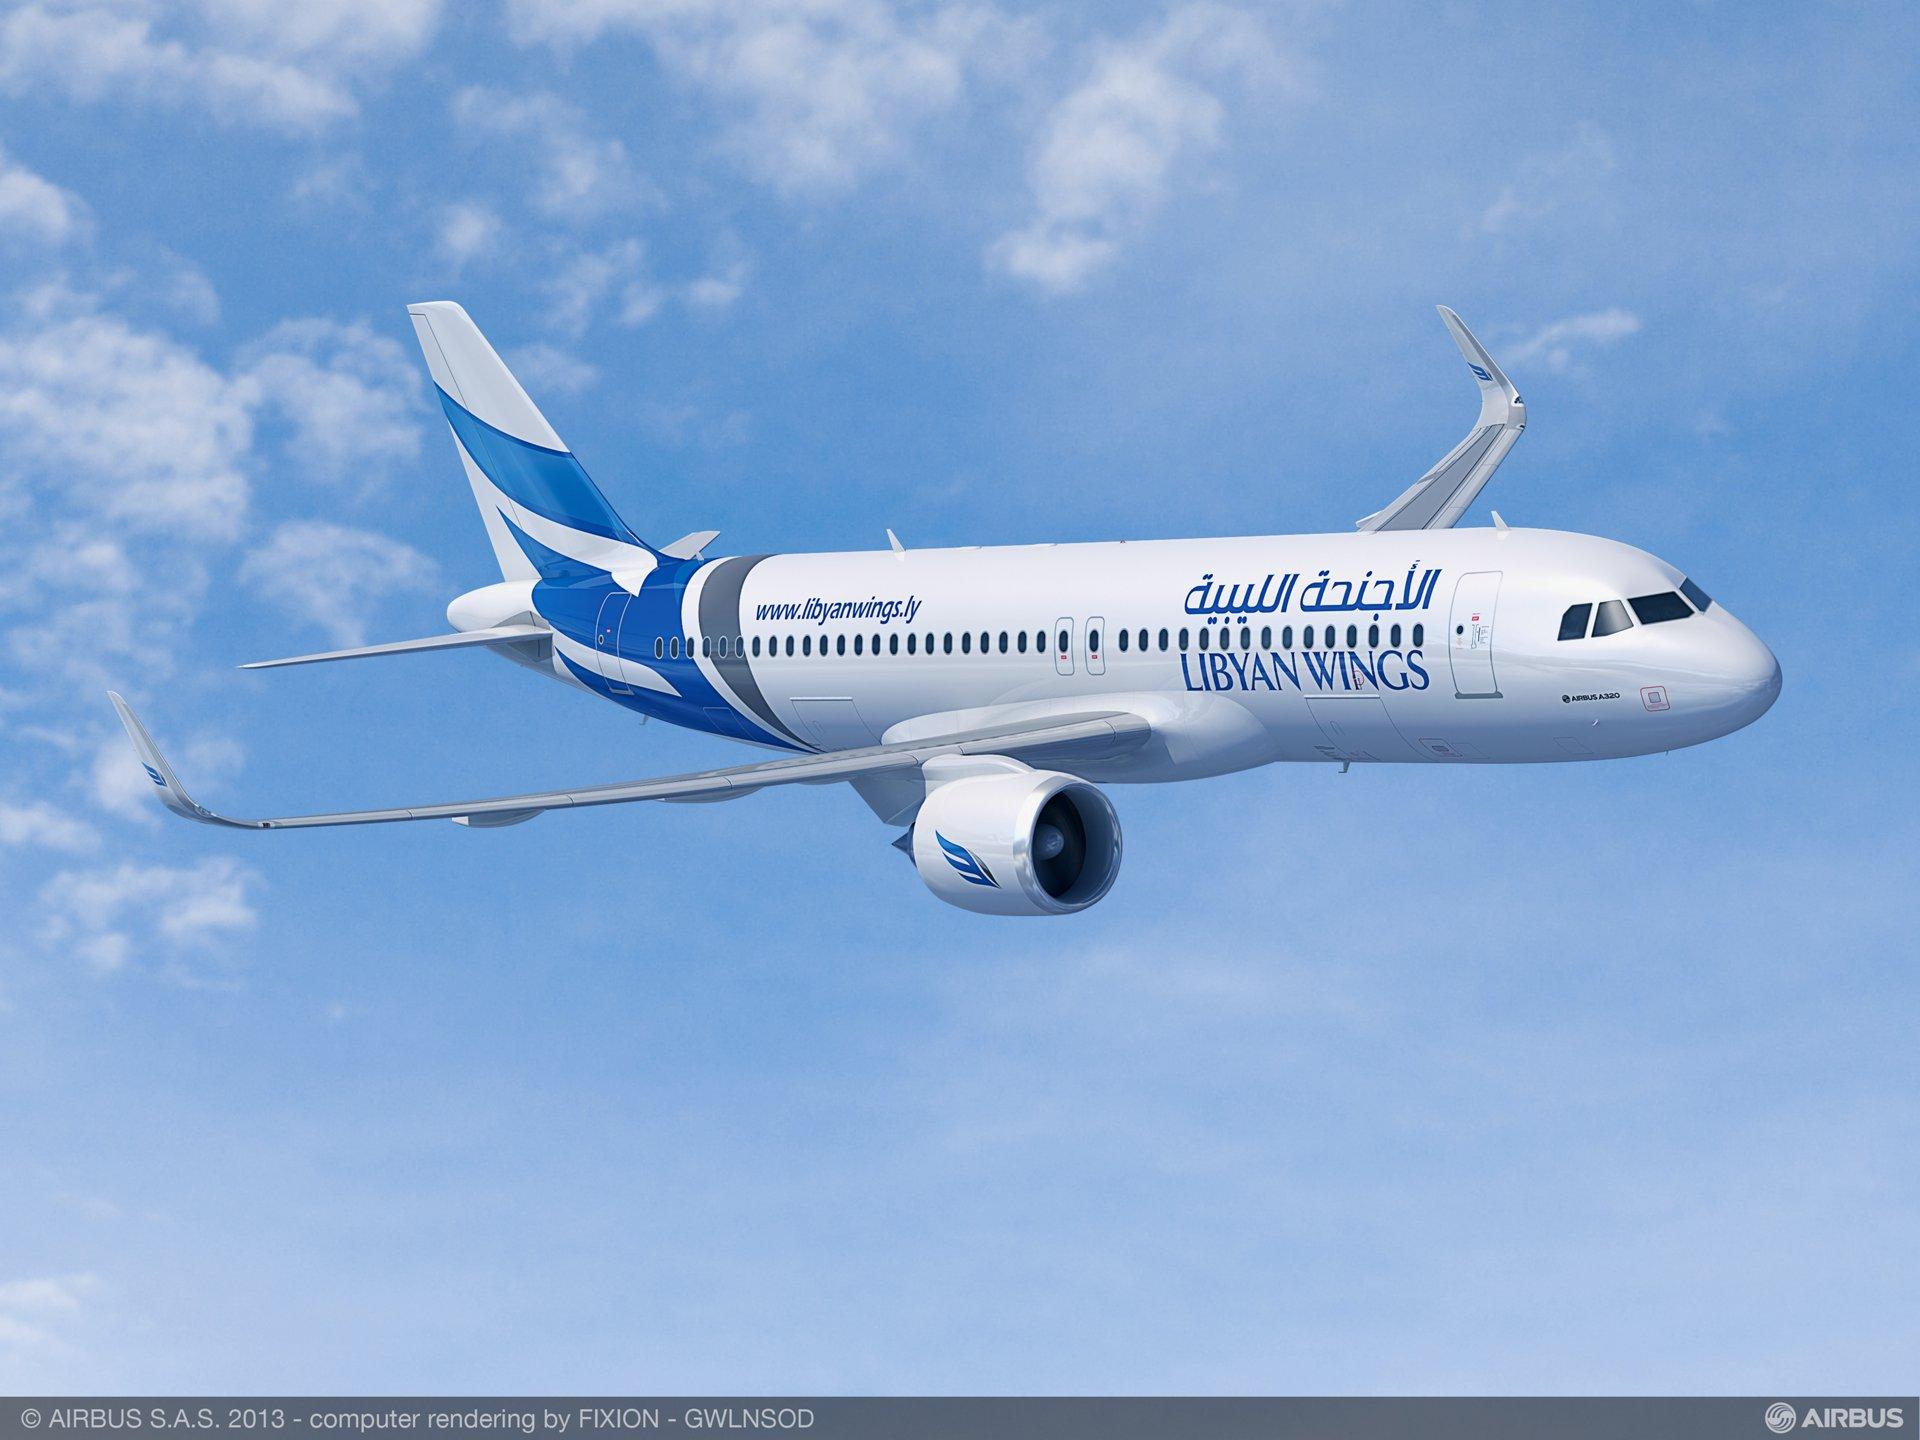 A320neo Libyan wings